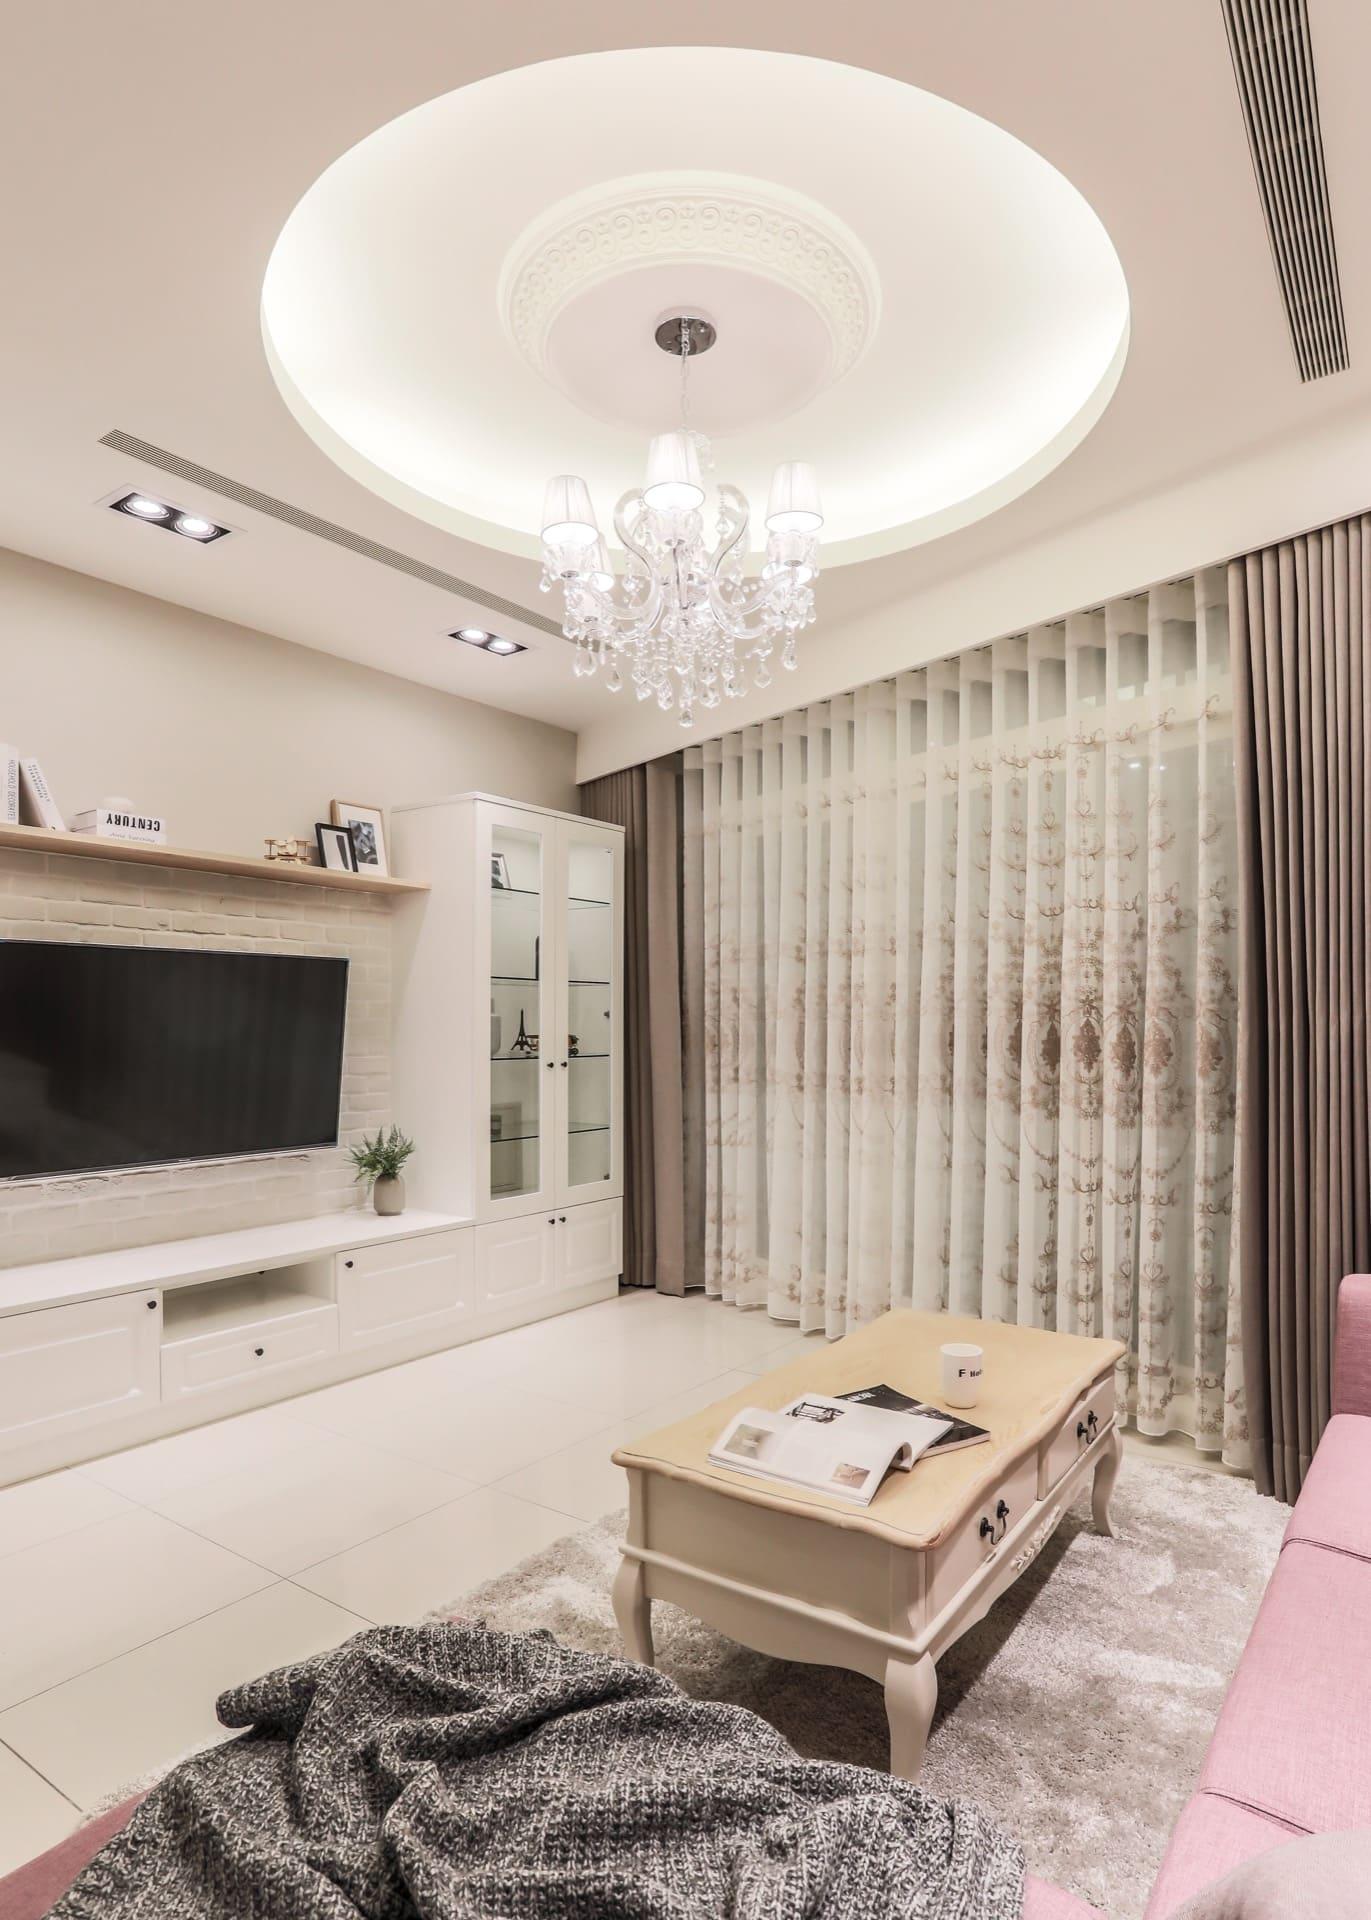 客廳採用進口 LED 水晶吊燈